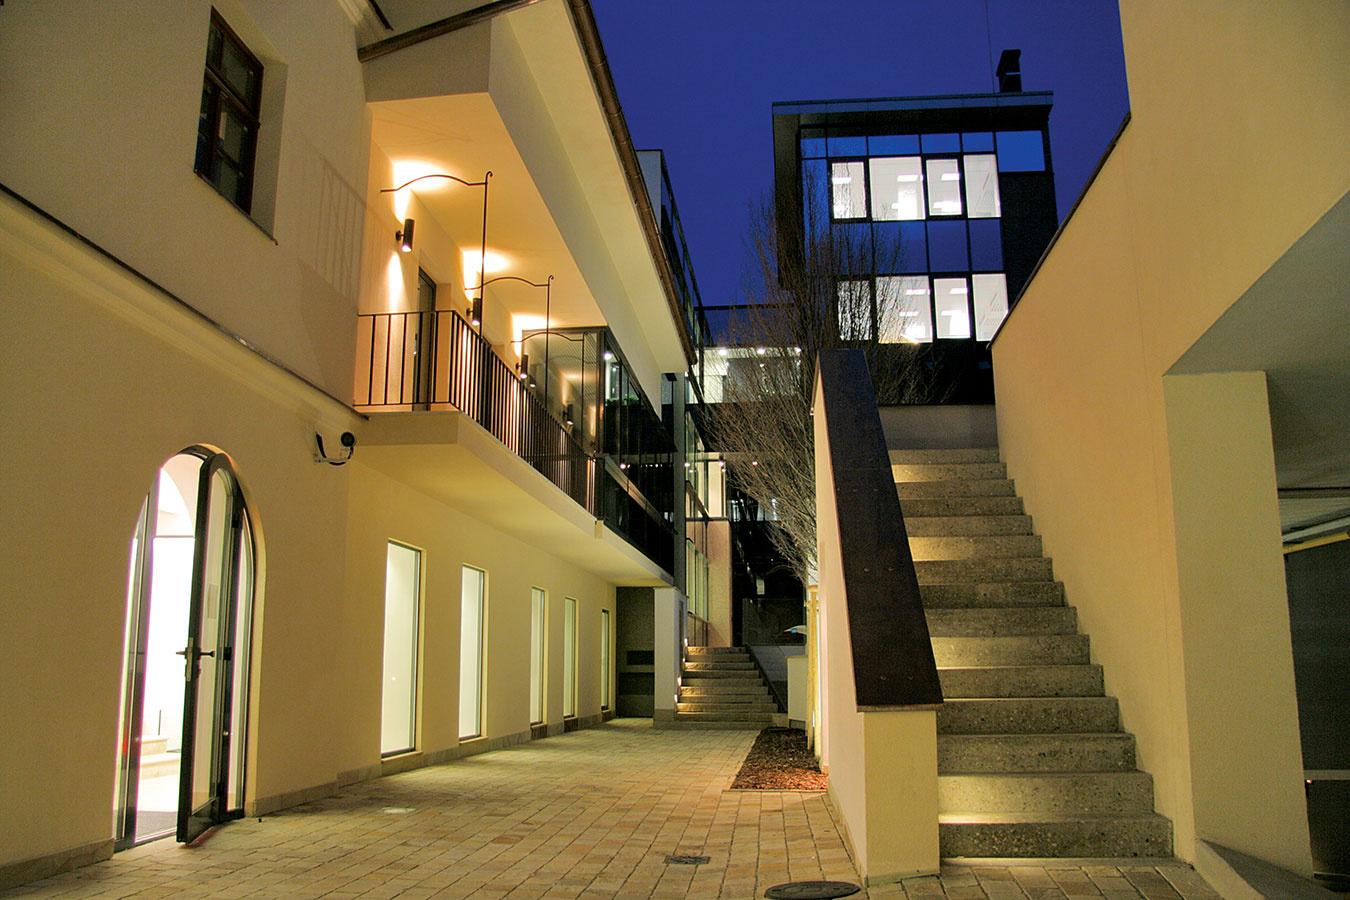 Administratívna budova z dielne spoločnosti ise, s.r.o. – IURIS HOUSE, bola nominovaná na hlavnú cenu STAVBA ROKA 2006 a získala Cenu Stavebnej fakulty STU v Bratislave za uplatnenie poznatkov vedy a techniky v rekonštrukcii stavebného diela.